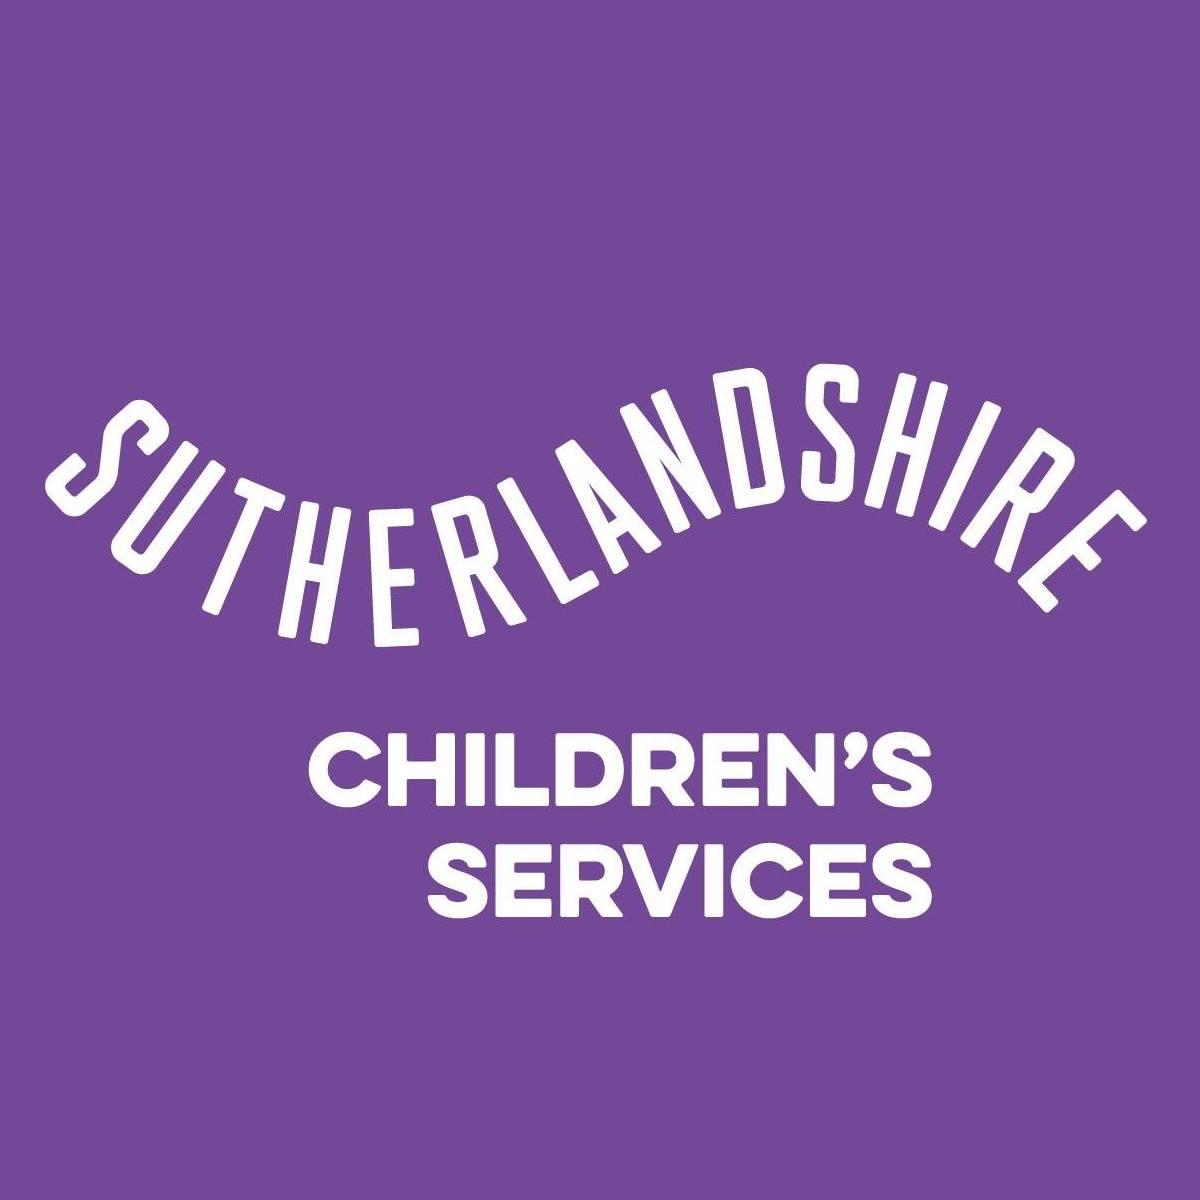 Sutherland Shire Children's Services